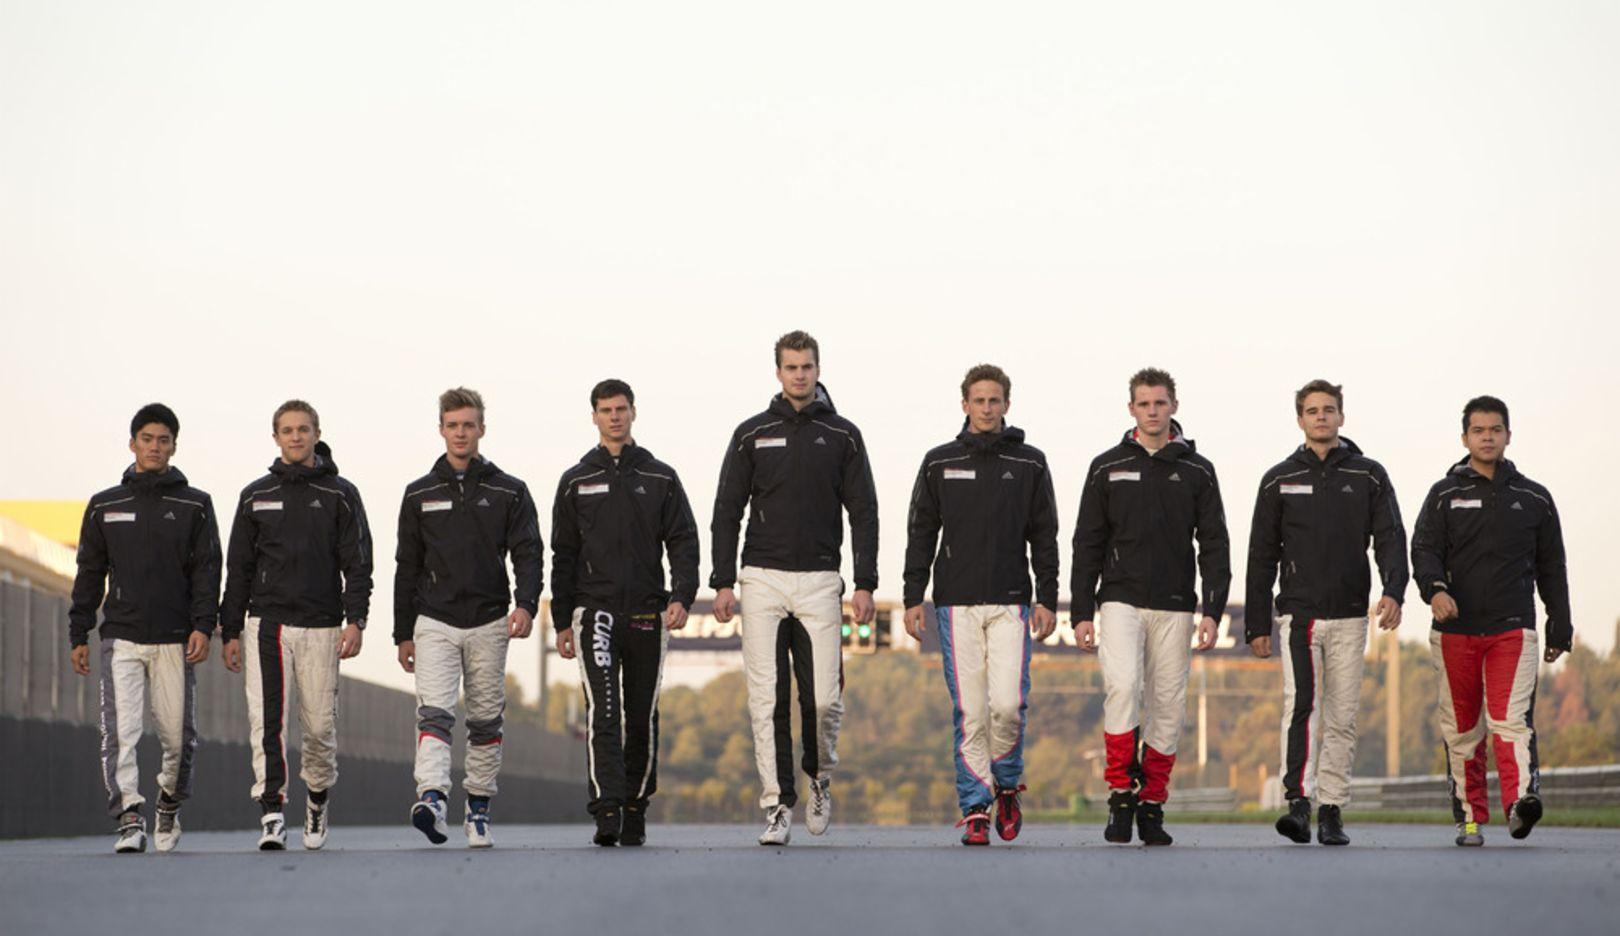 Porsche Mobil 1 Supercup, Talent shootout, Valencia, 2014, Porsche AG